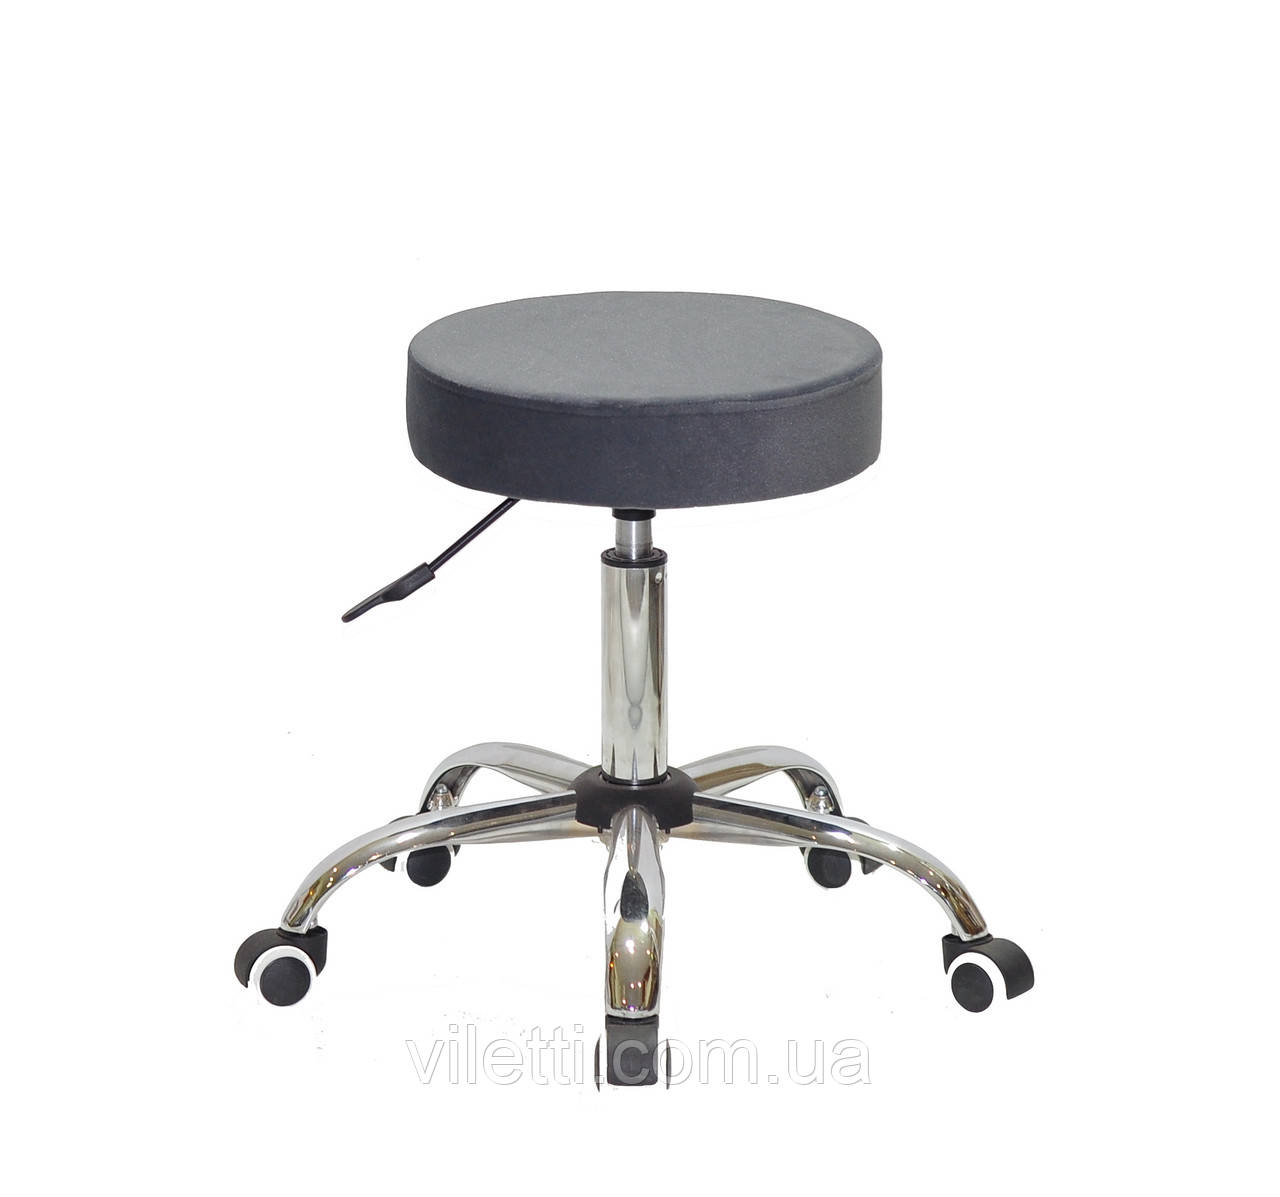 Стул на колесиках в бархатным серым сиденьем Key CH - Office, кресло без спинки на колесиках